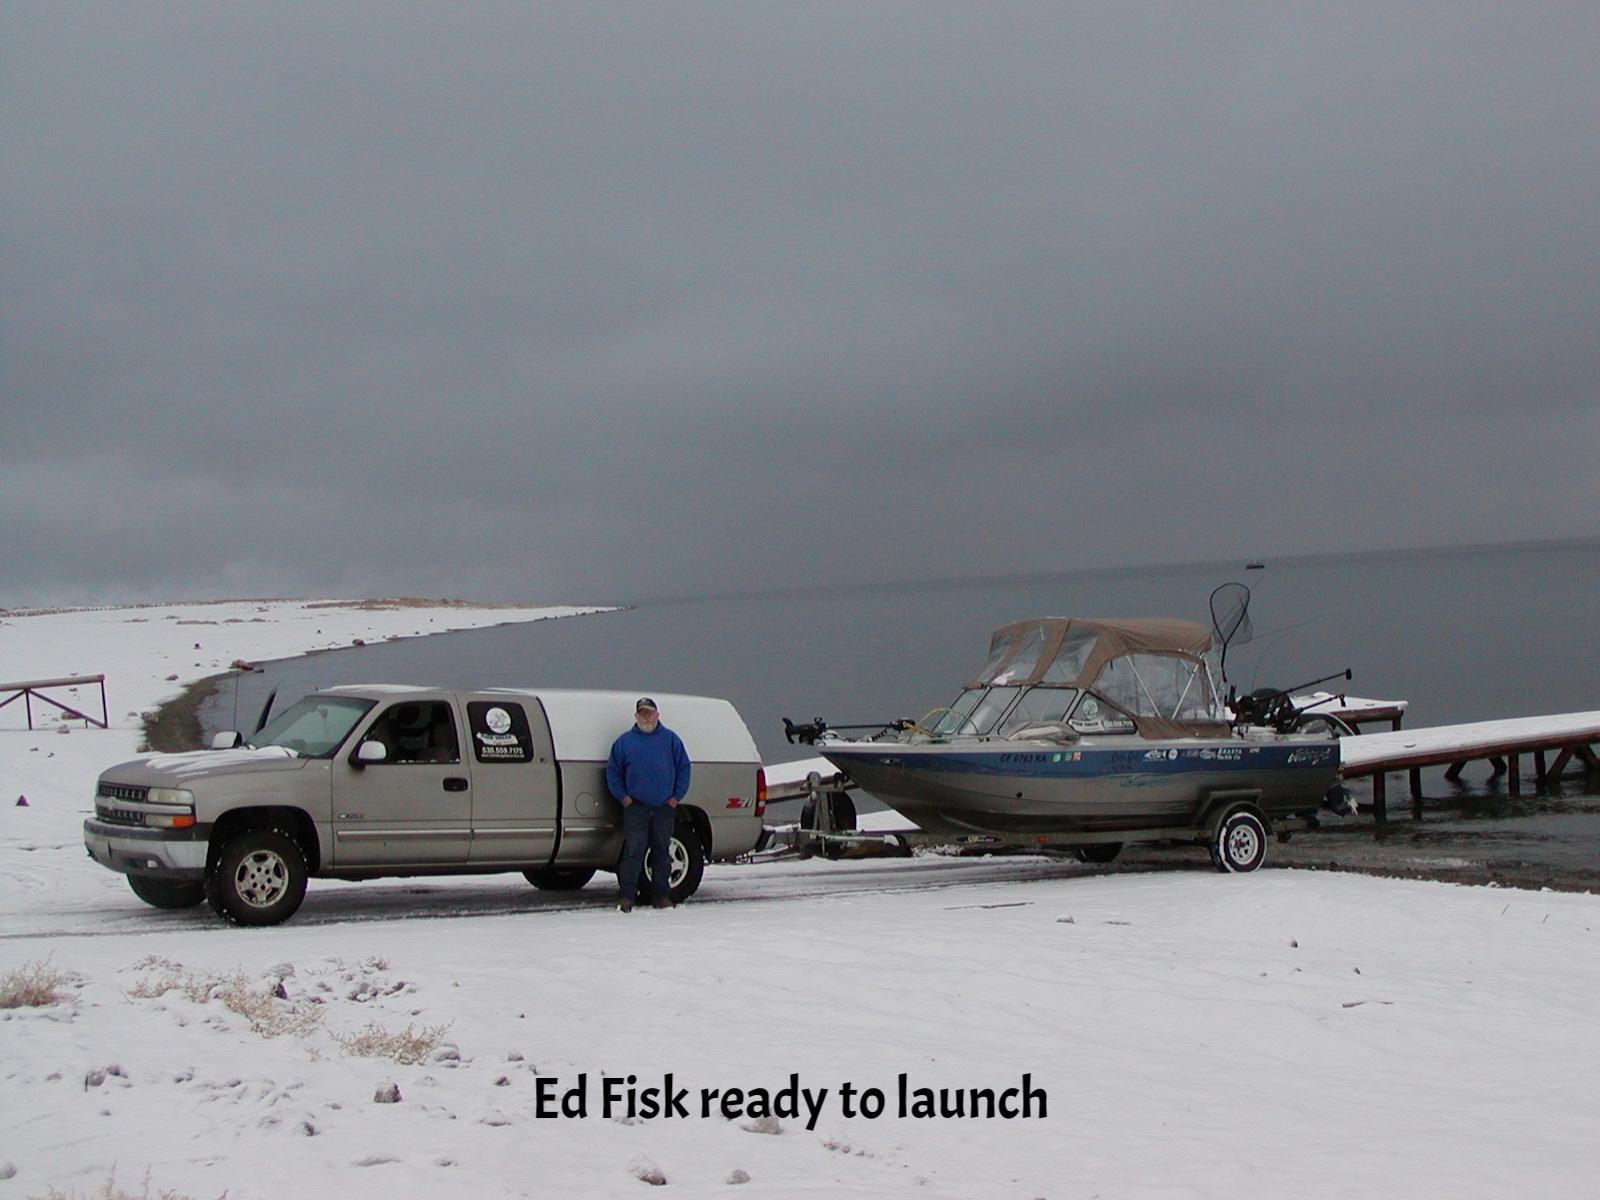 Ed boat on ramp in snow.JPG